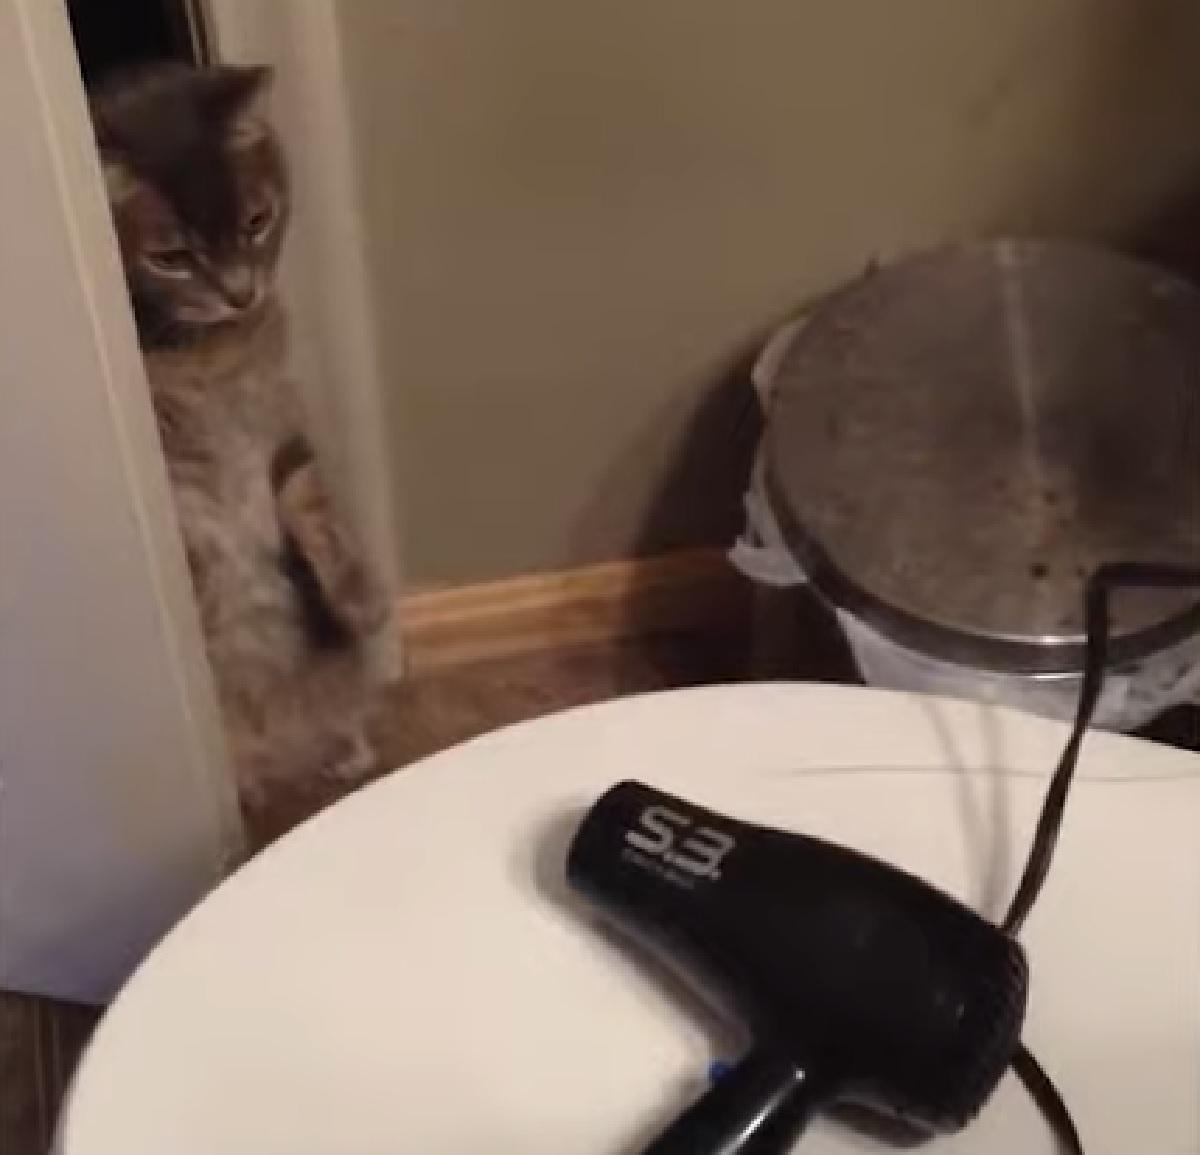 zooey gattina video odio contro asciugacapelli